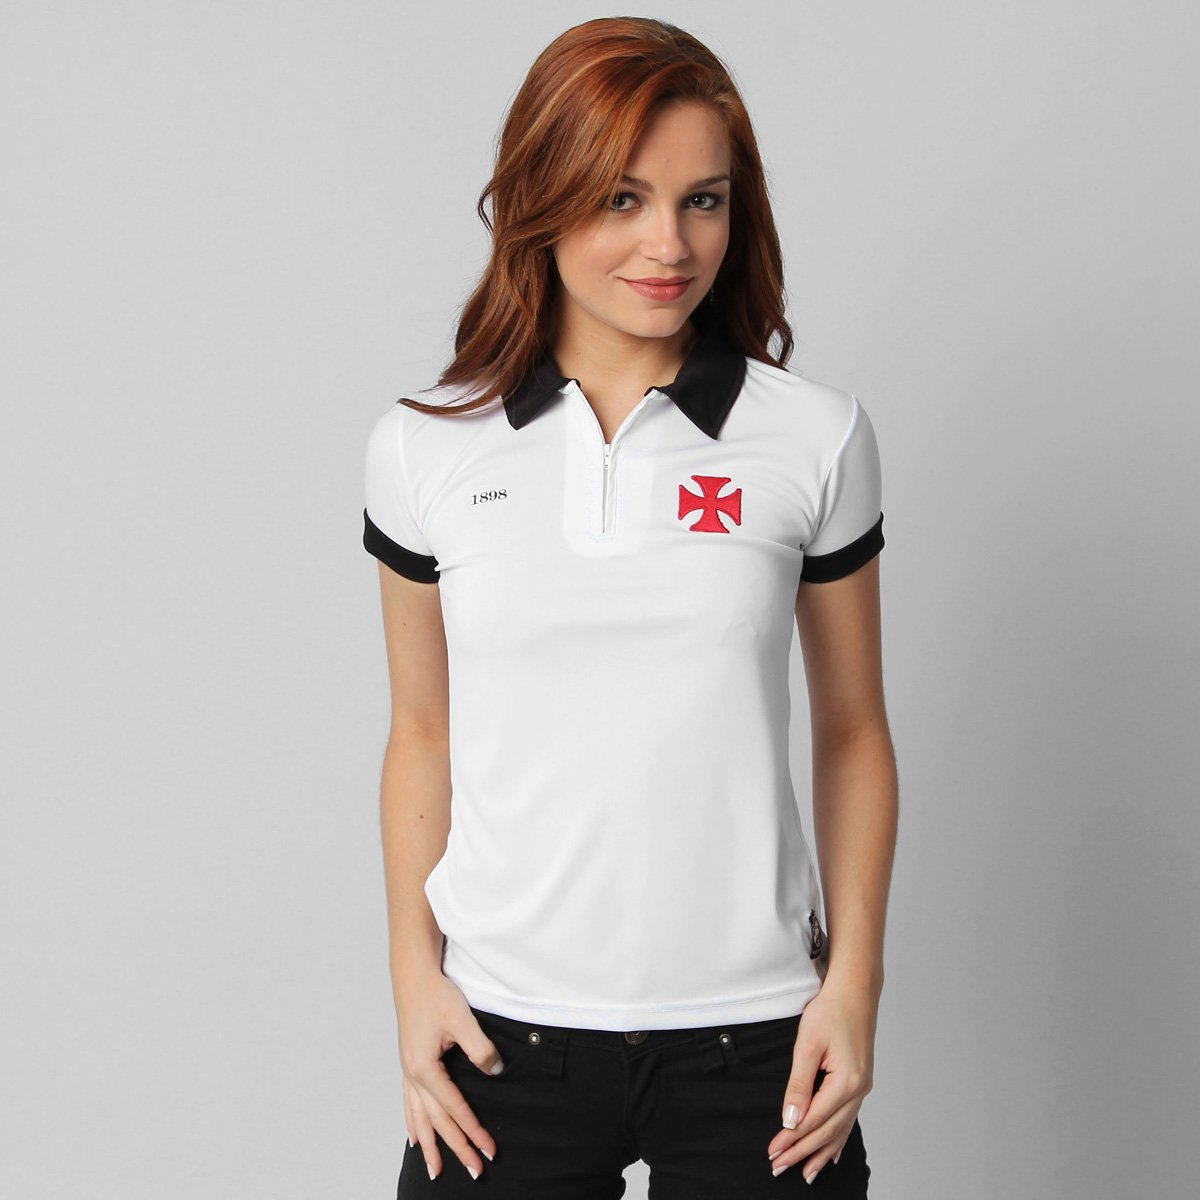 7ab02e176c Camisa Polo Vasco da Gama Clube do Coração - Compre Agora